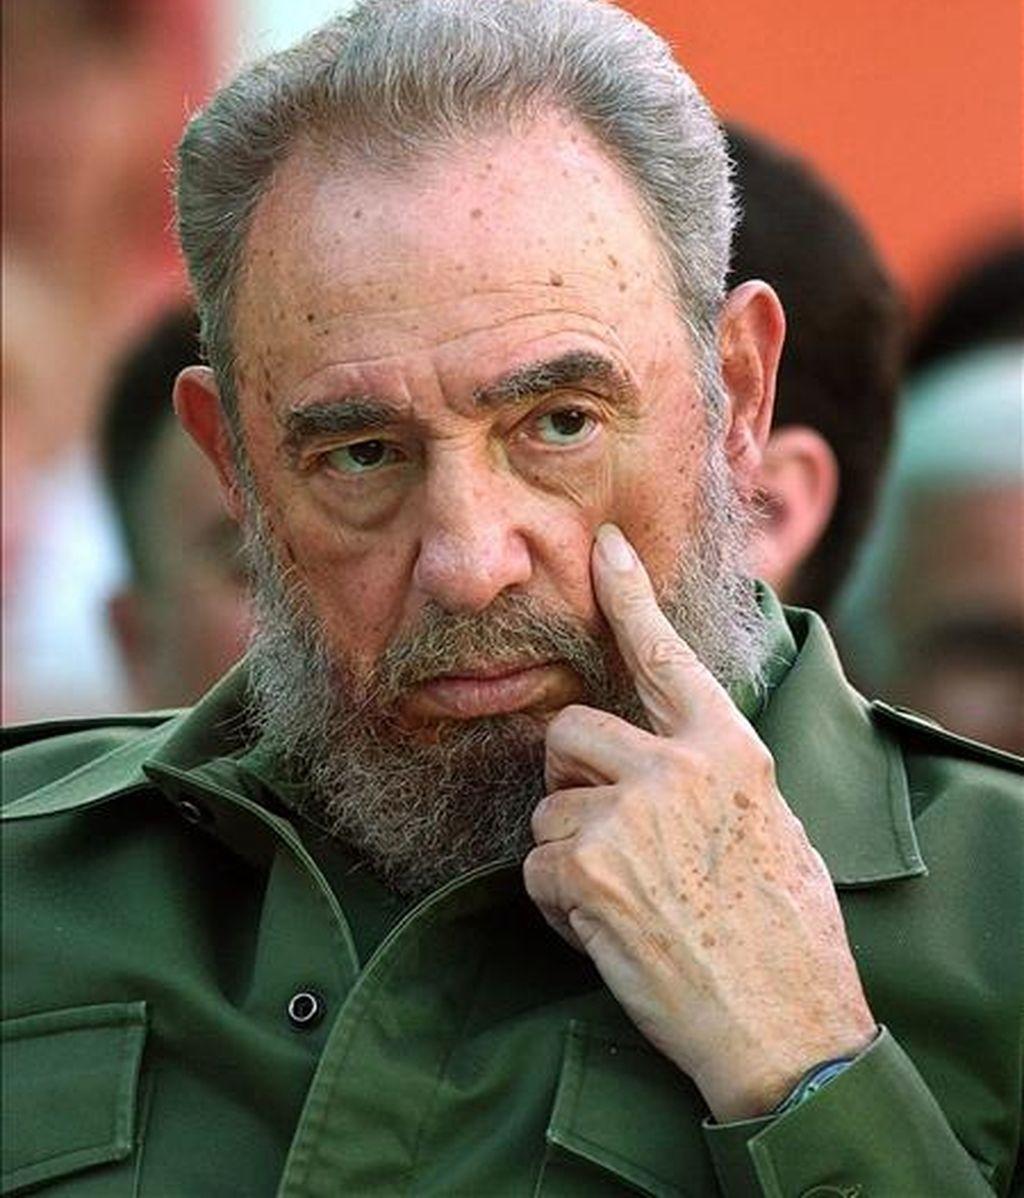 """Castro dice que Obama """"dedicó sólo 15 palabras al papel de la URSS, apenas 1,2 por cada 2 millones de ciudadanos soviéticos que murieron en aquella guerra"""", y afirma que eso """"no fue justo"""". EFE/Archivo"""